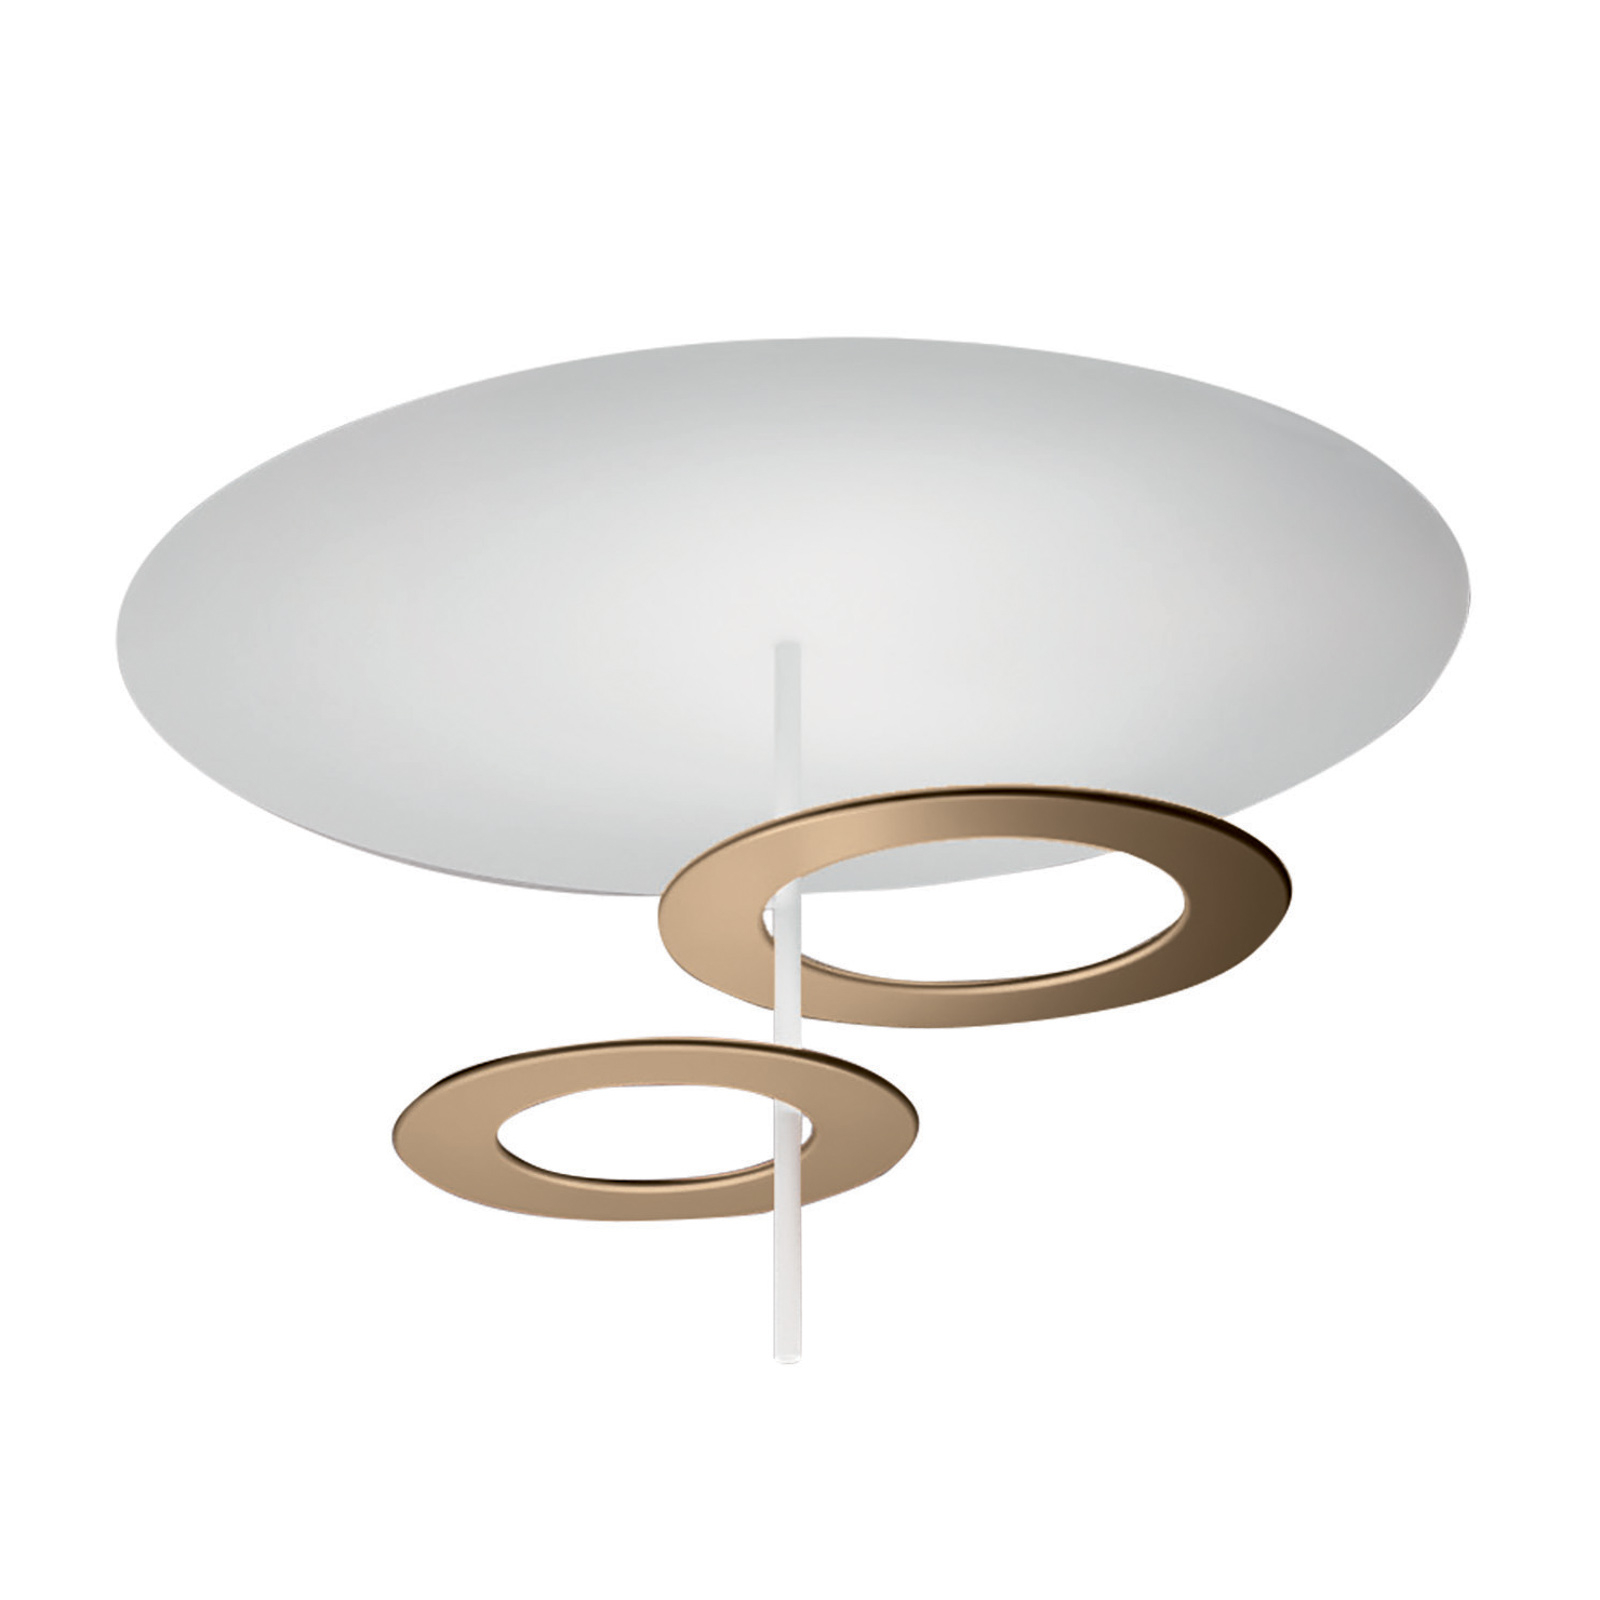 ICONE LED-Deckenleuchte Hula Hoop P2 - 2 Scheiben